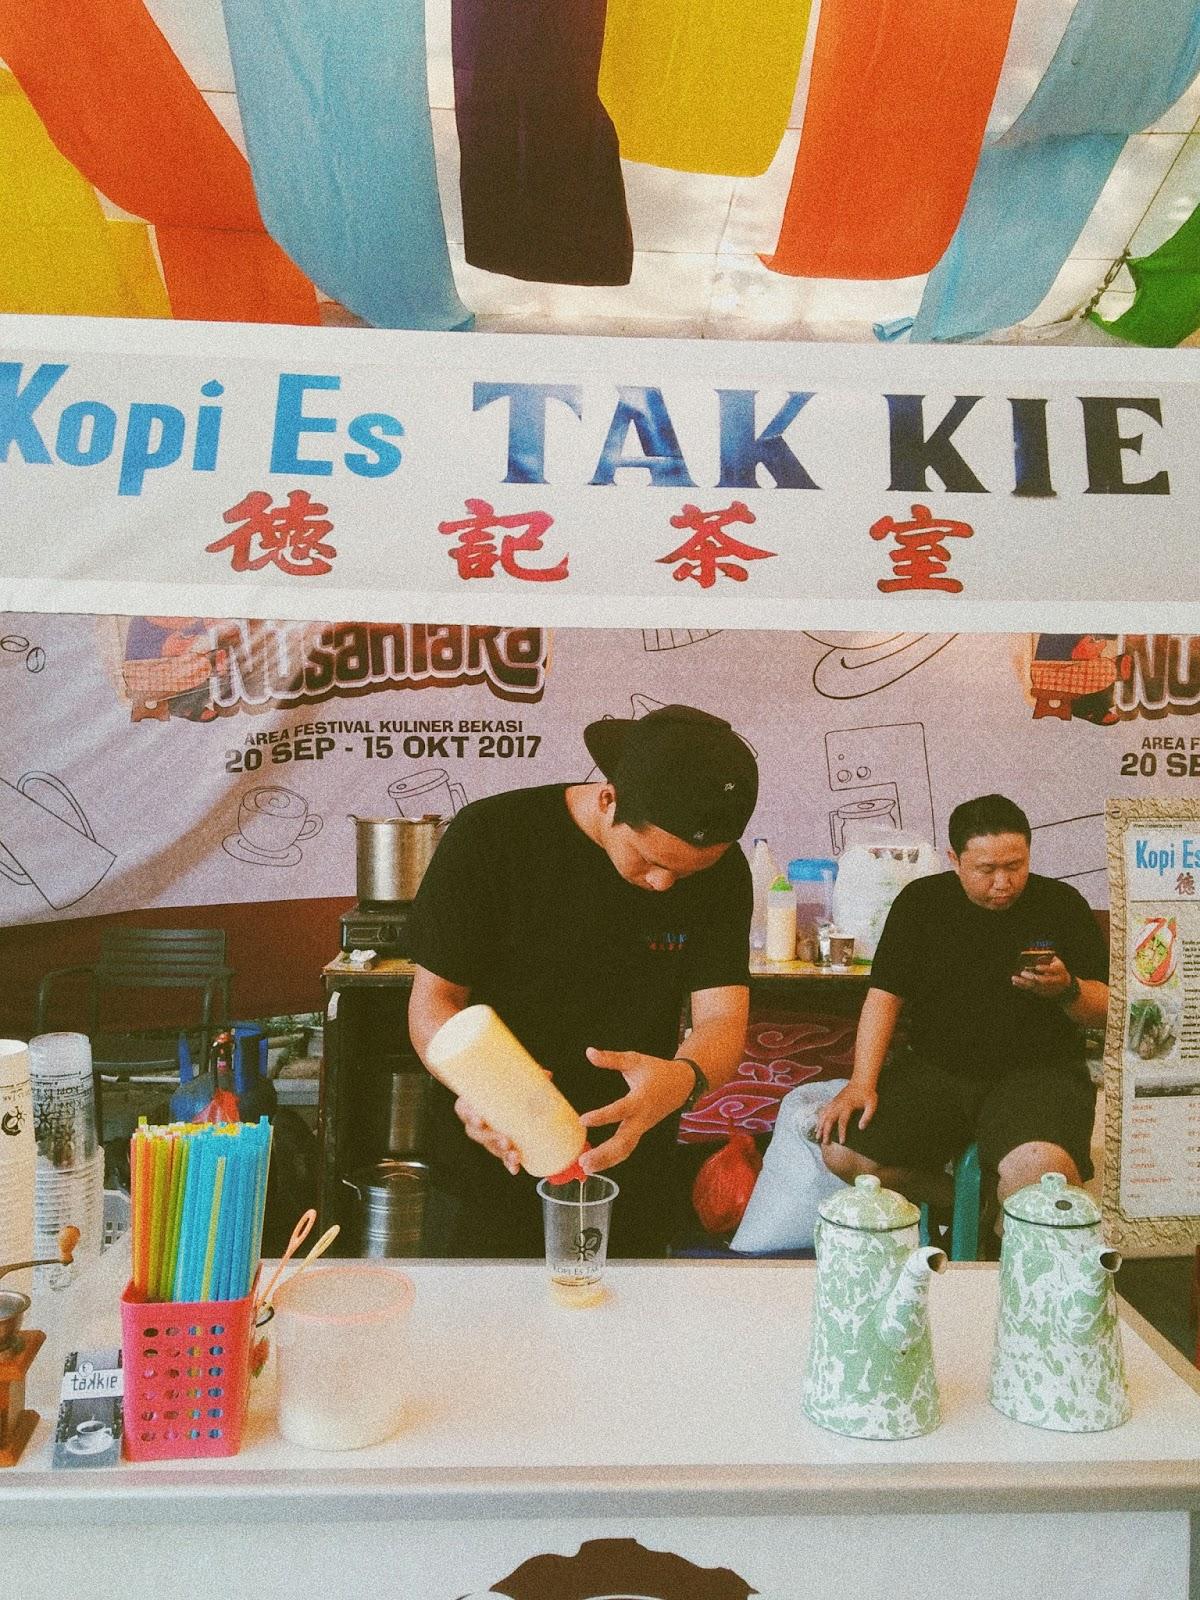 Festival Kuliner Bekasi 2017 - Nganreki' Sanggena Bassoro - Kopi Es Tak Kie